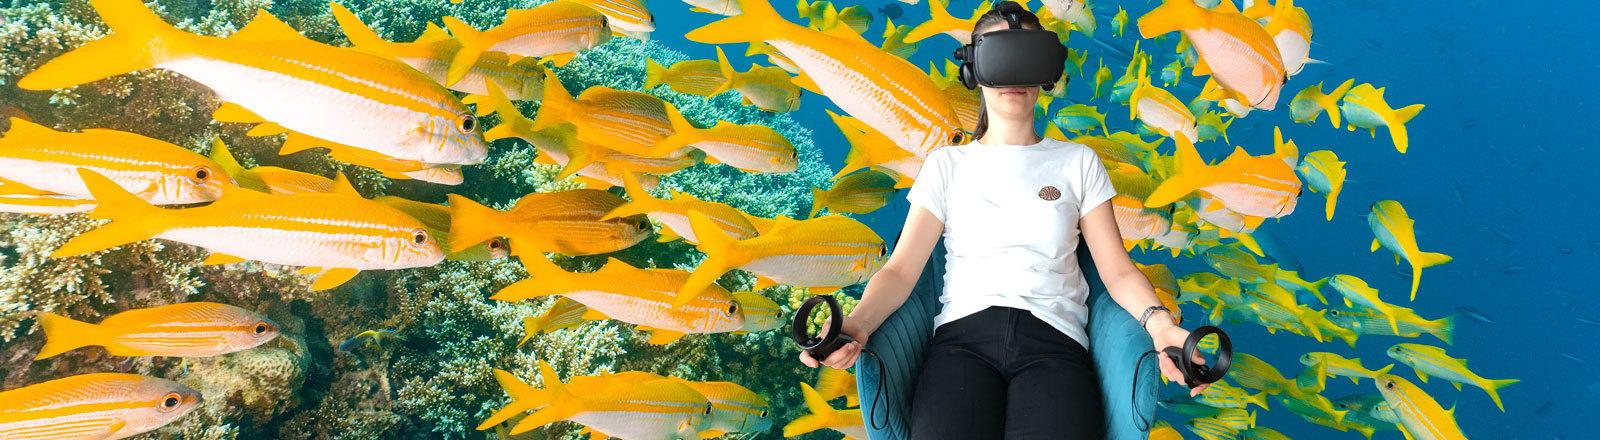 Journalistin Krissy Mockenhaupt mit einer VR-Brille vor einem Hintergrund mit gelben Fischen, die im Wasser schwimmen.